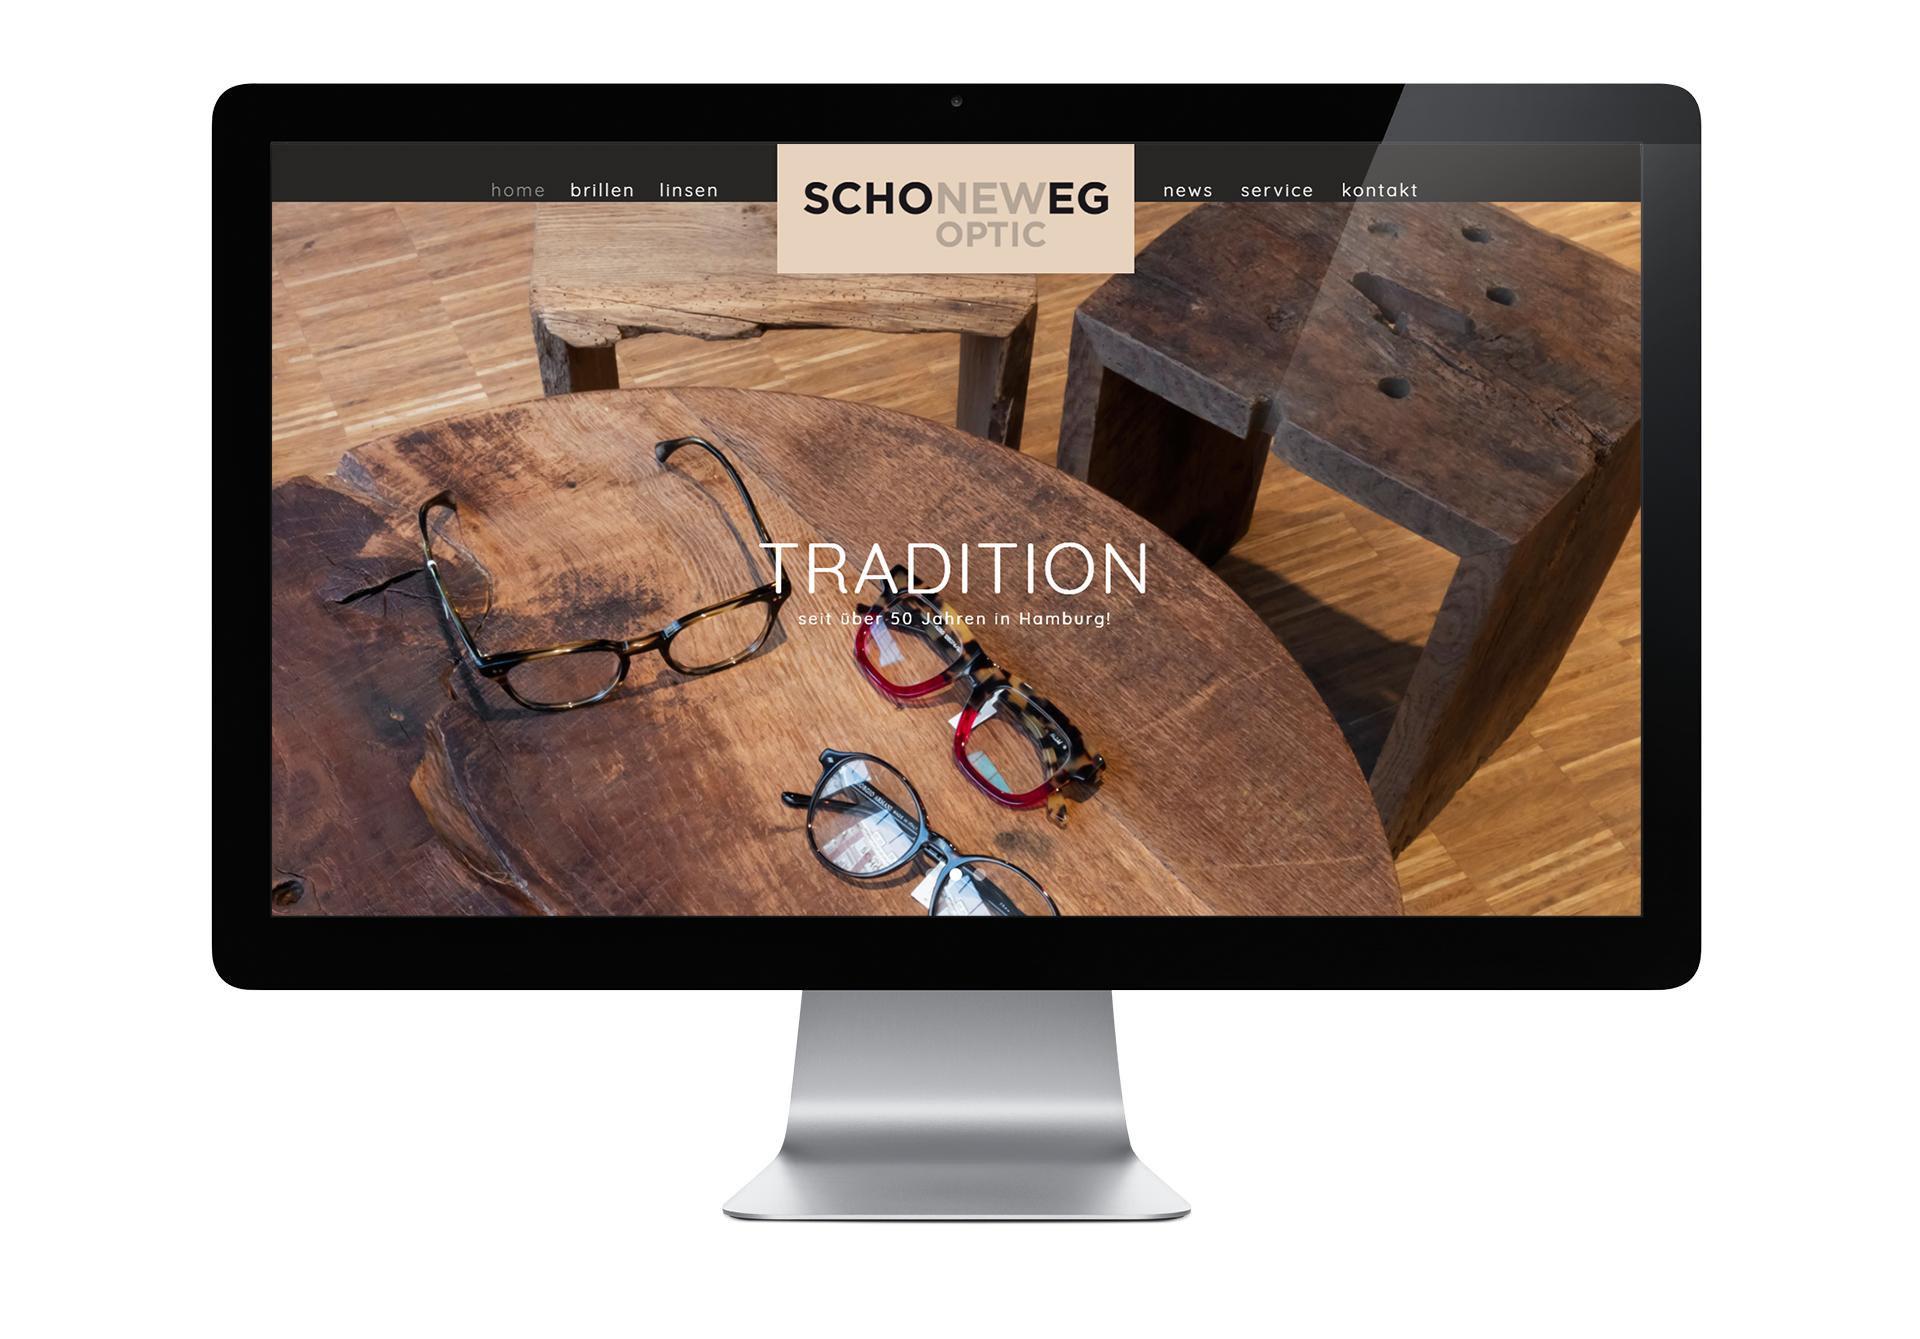 Technische Umsetzung der Website von Schoneweg Optic